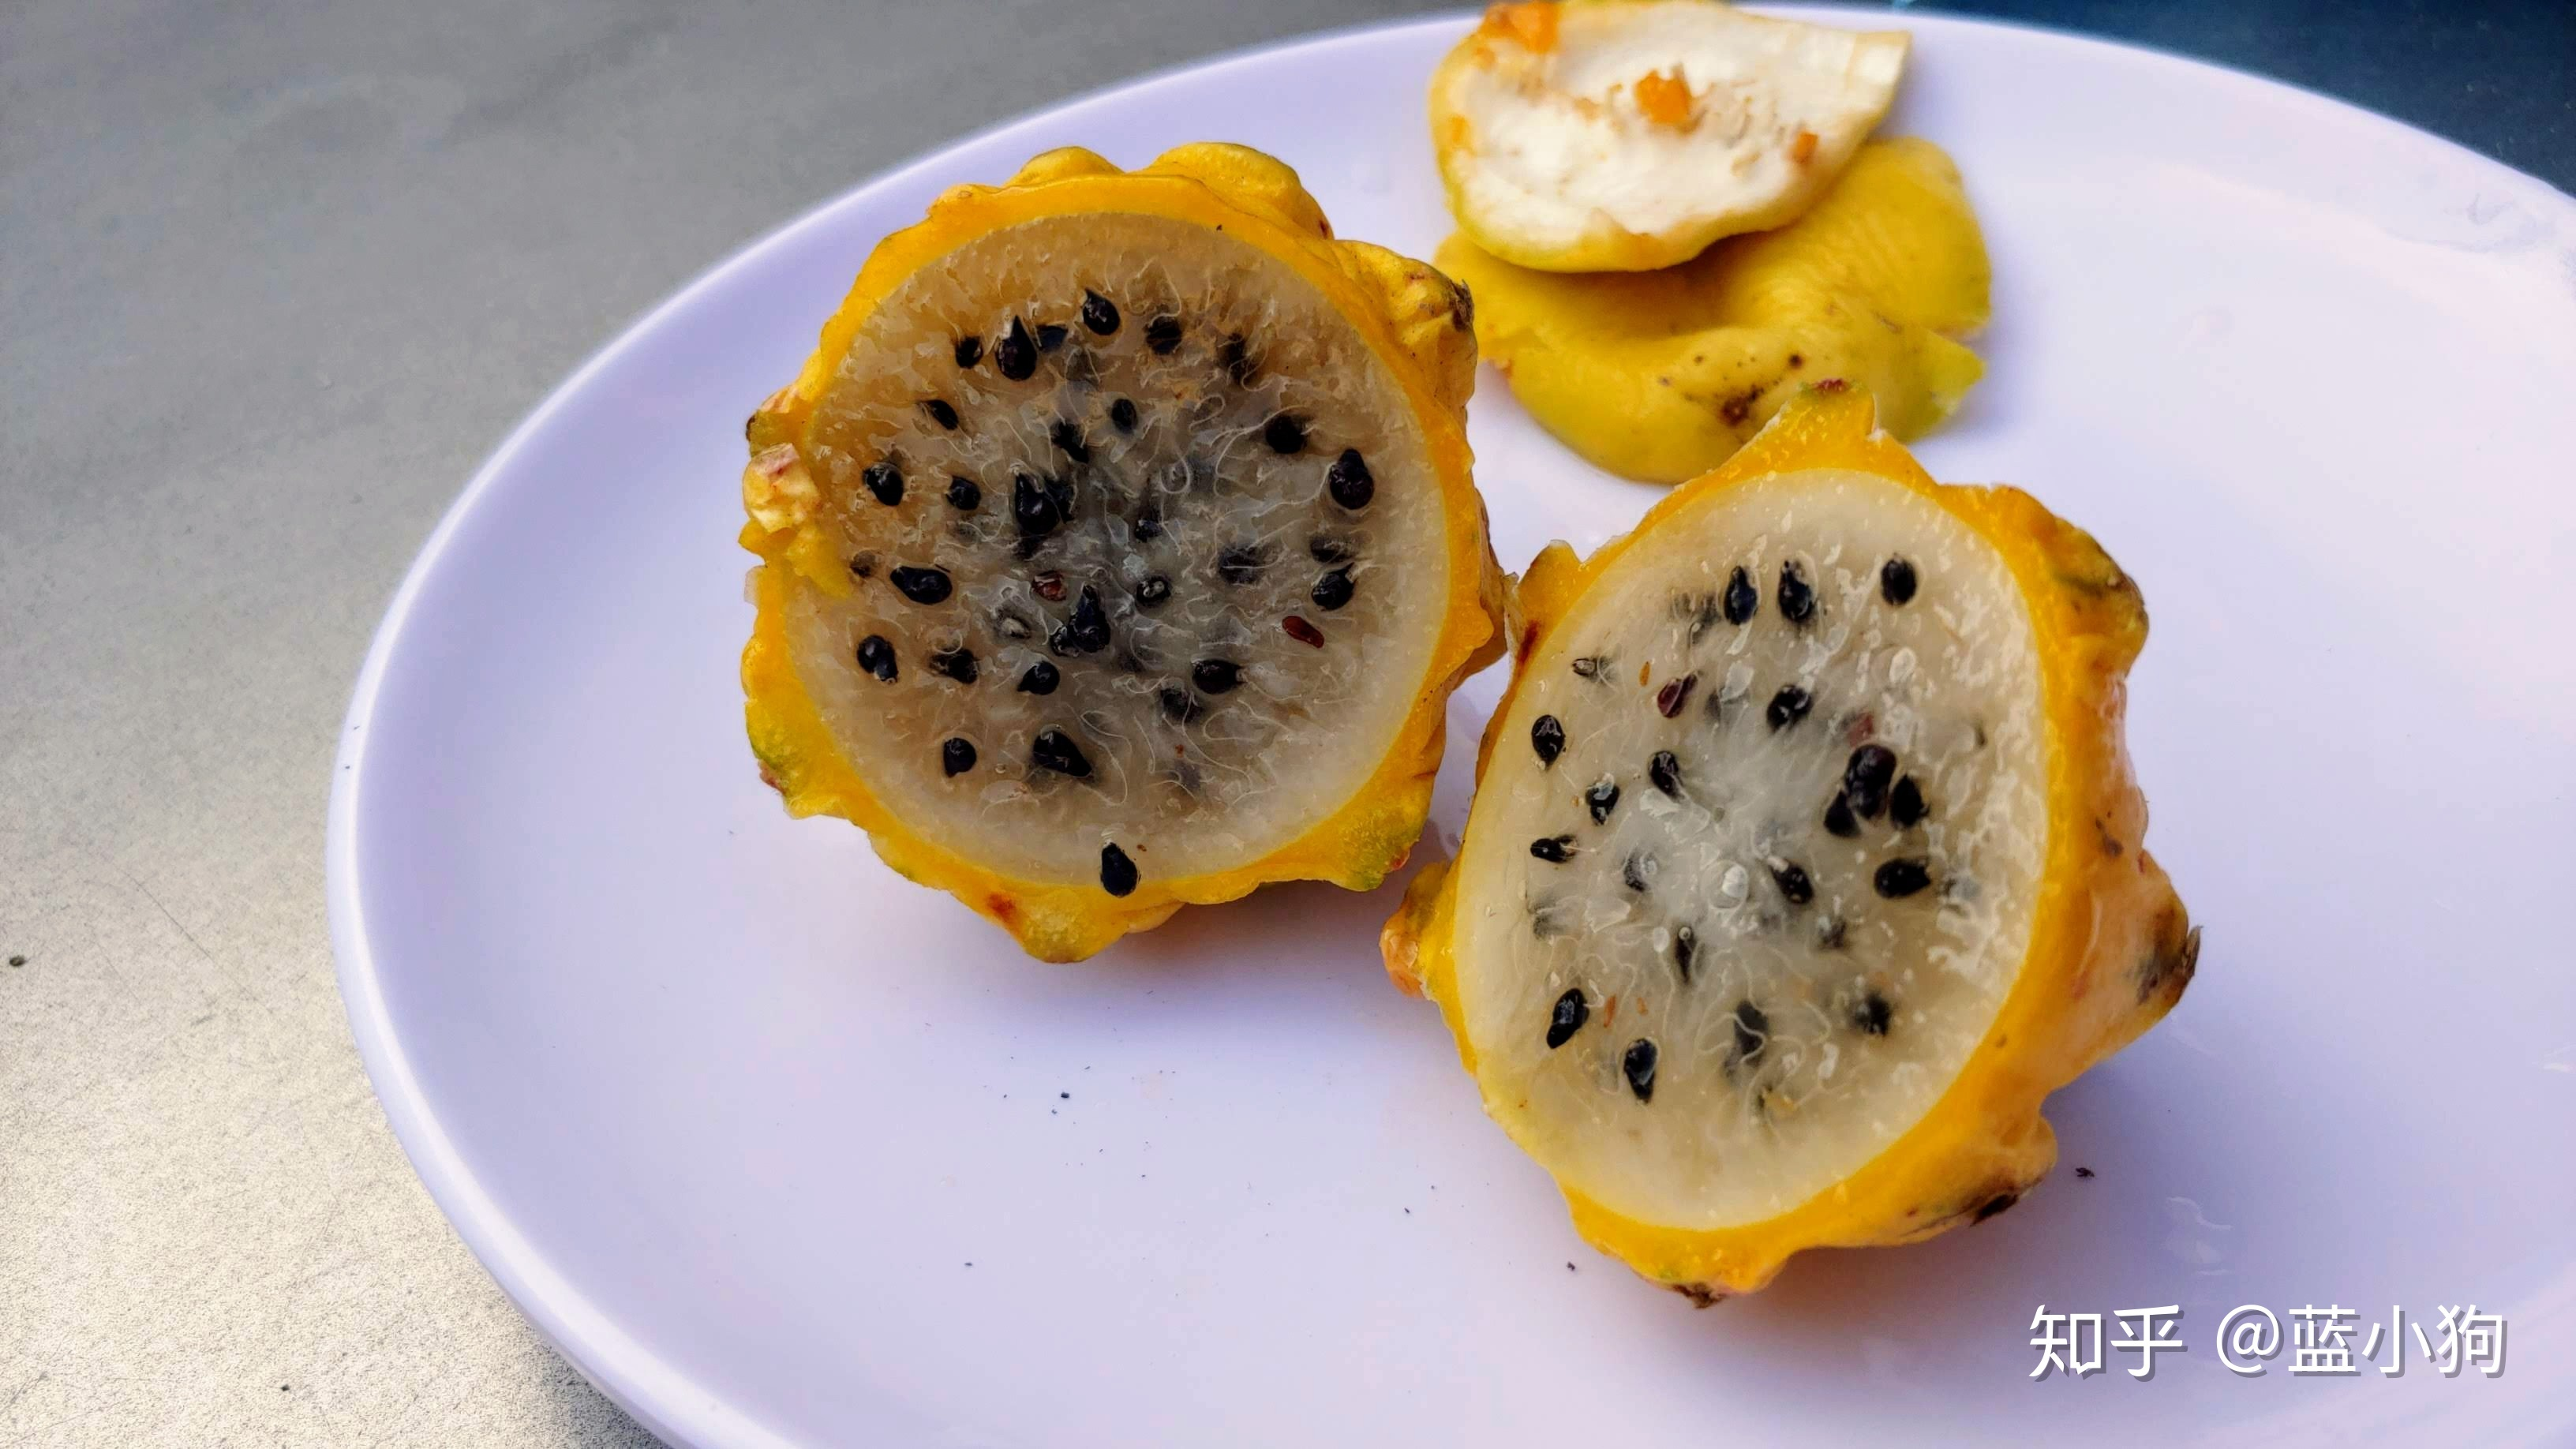 100种水果的名字